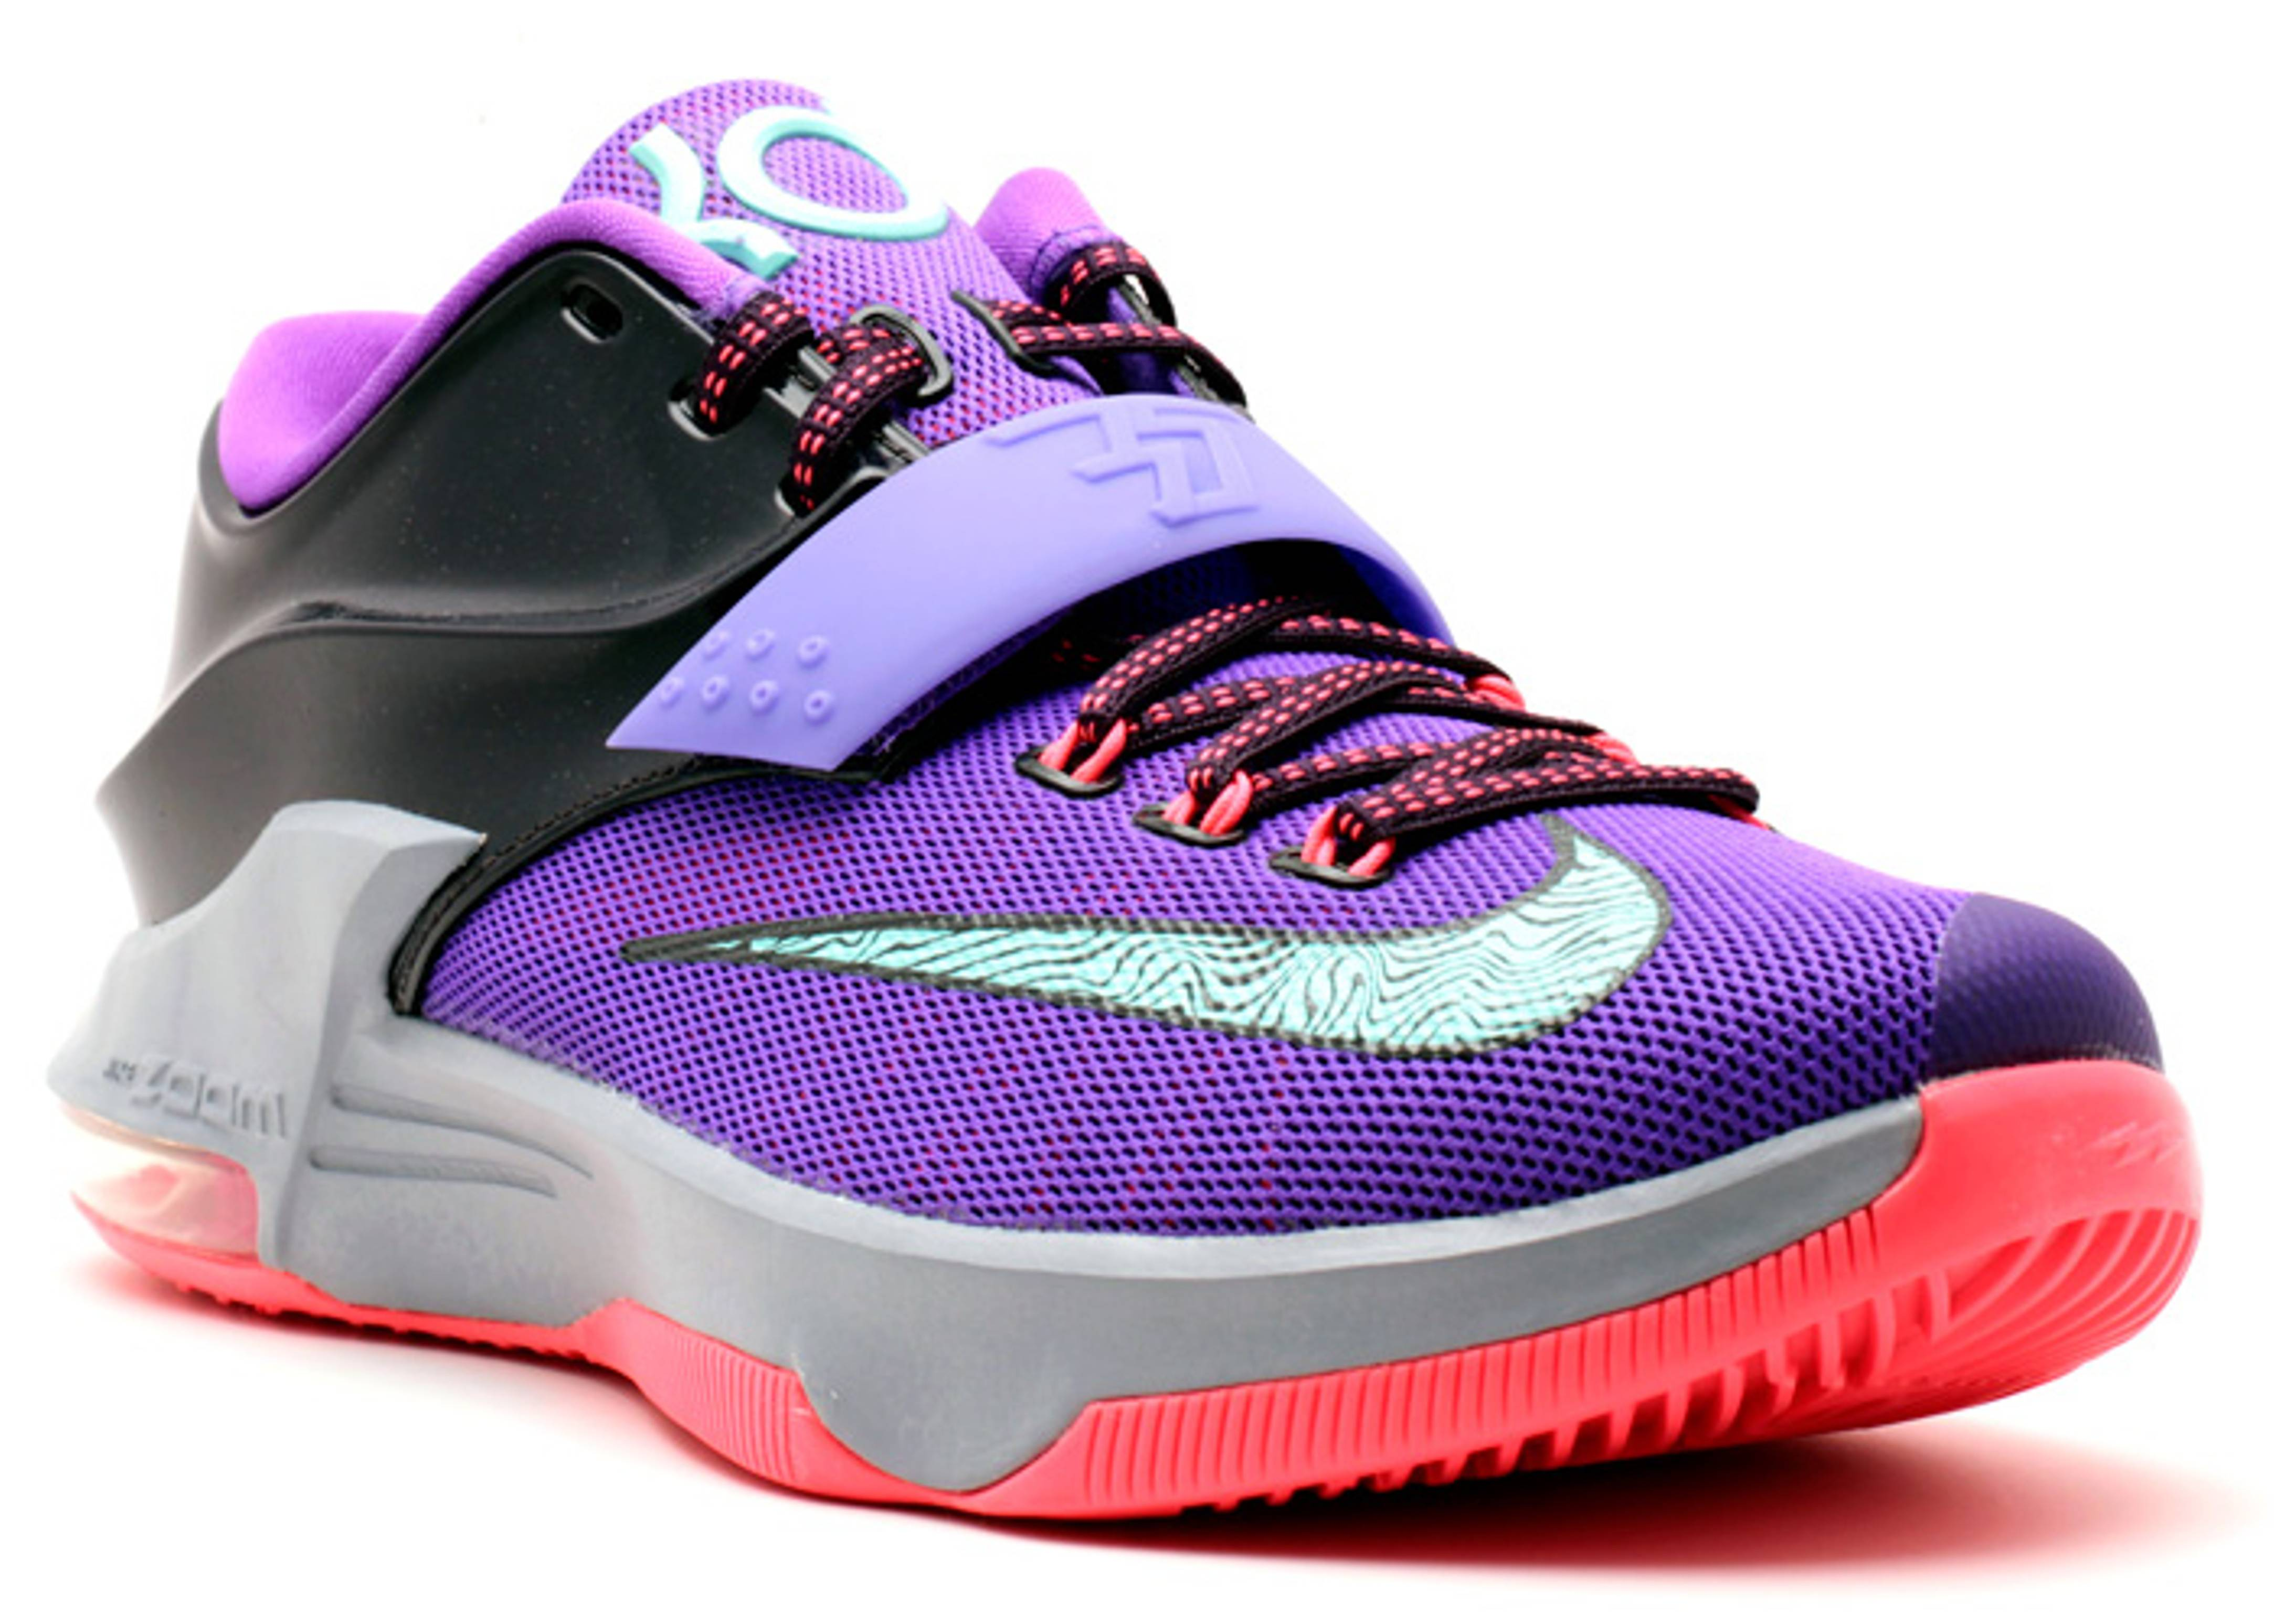 kd 7  u0026quot cave purple u0026quot  - nike - 653996 535  blchd trq